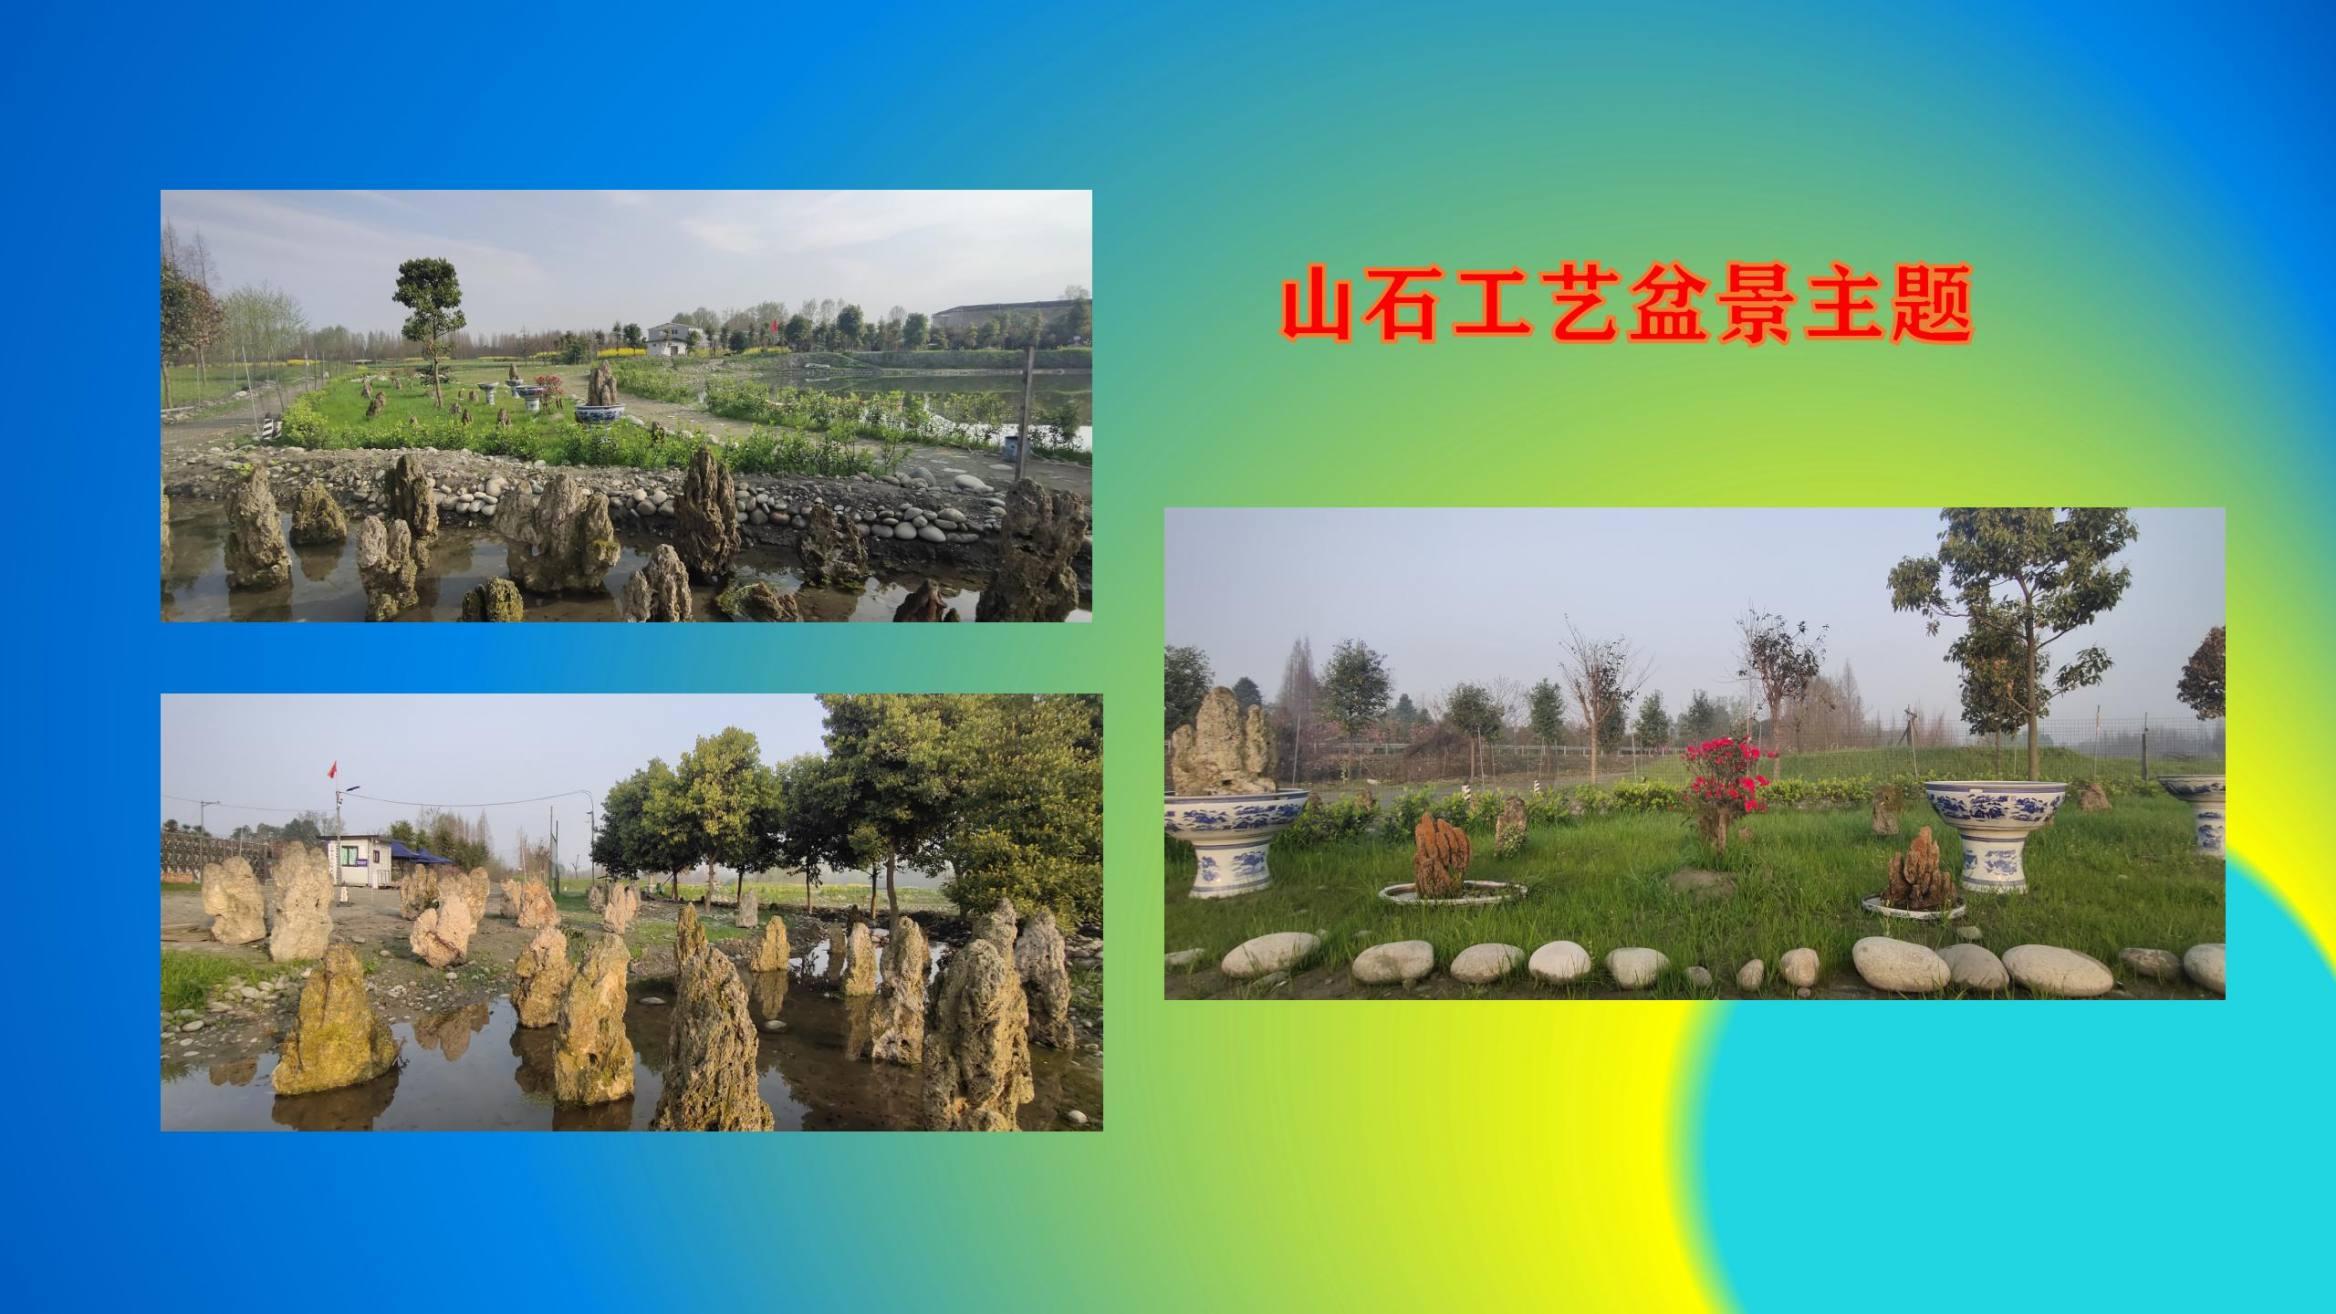 沈家船田园水乡智慧生态园 (26)